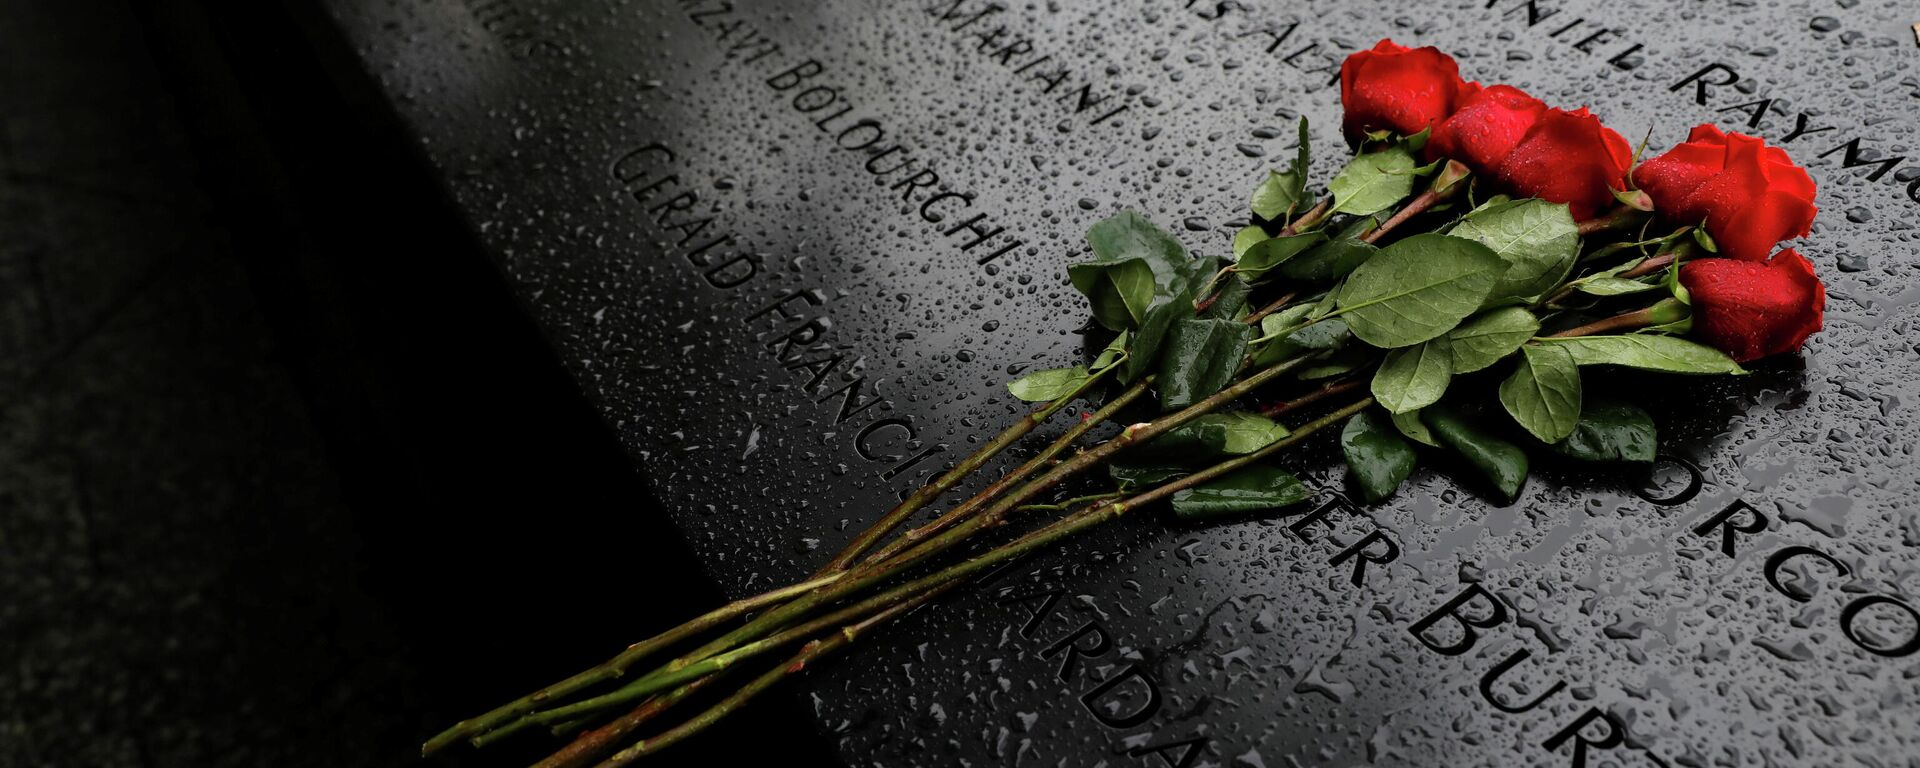 Цветы в память о погибших - мемориал памяти жертв теракта 9/11 - Sputnik Грузия, 1920, 11.09.2021